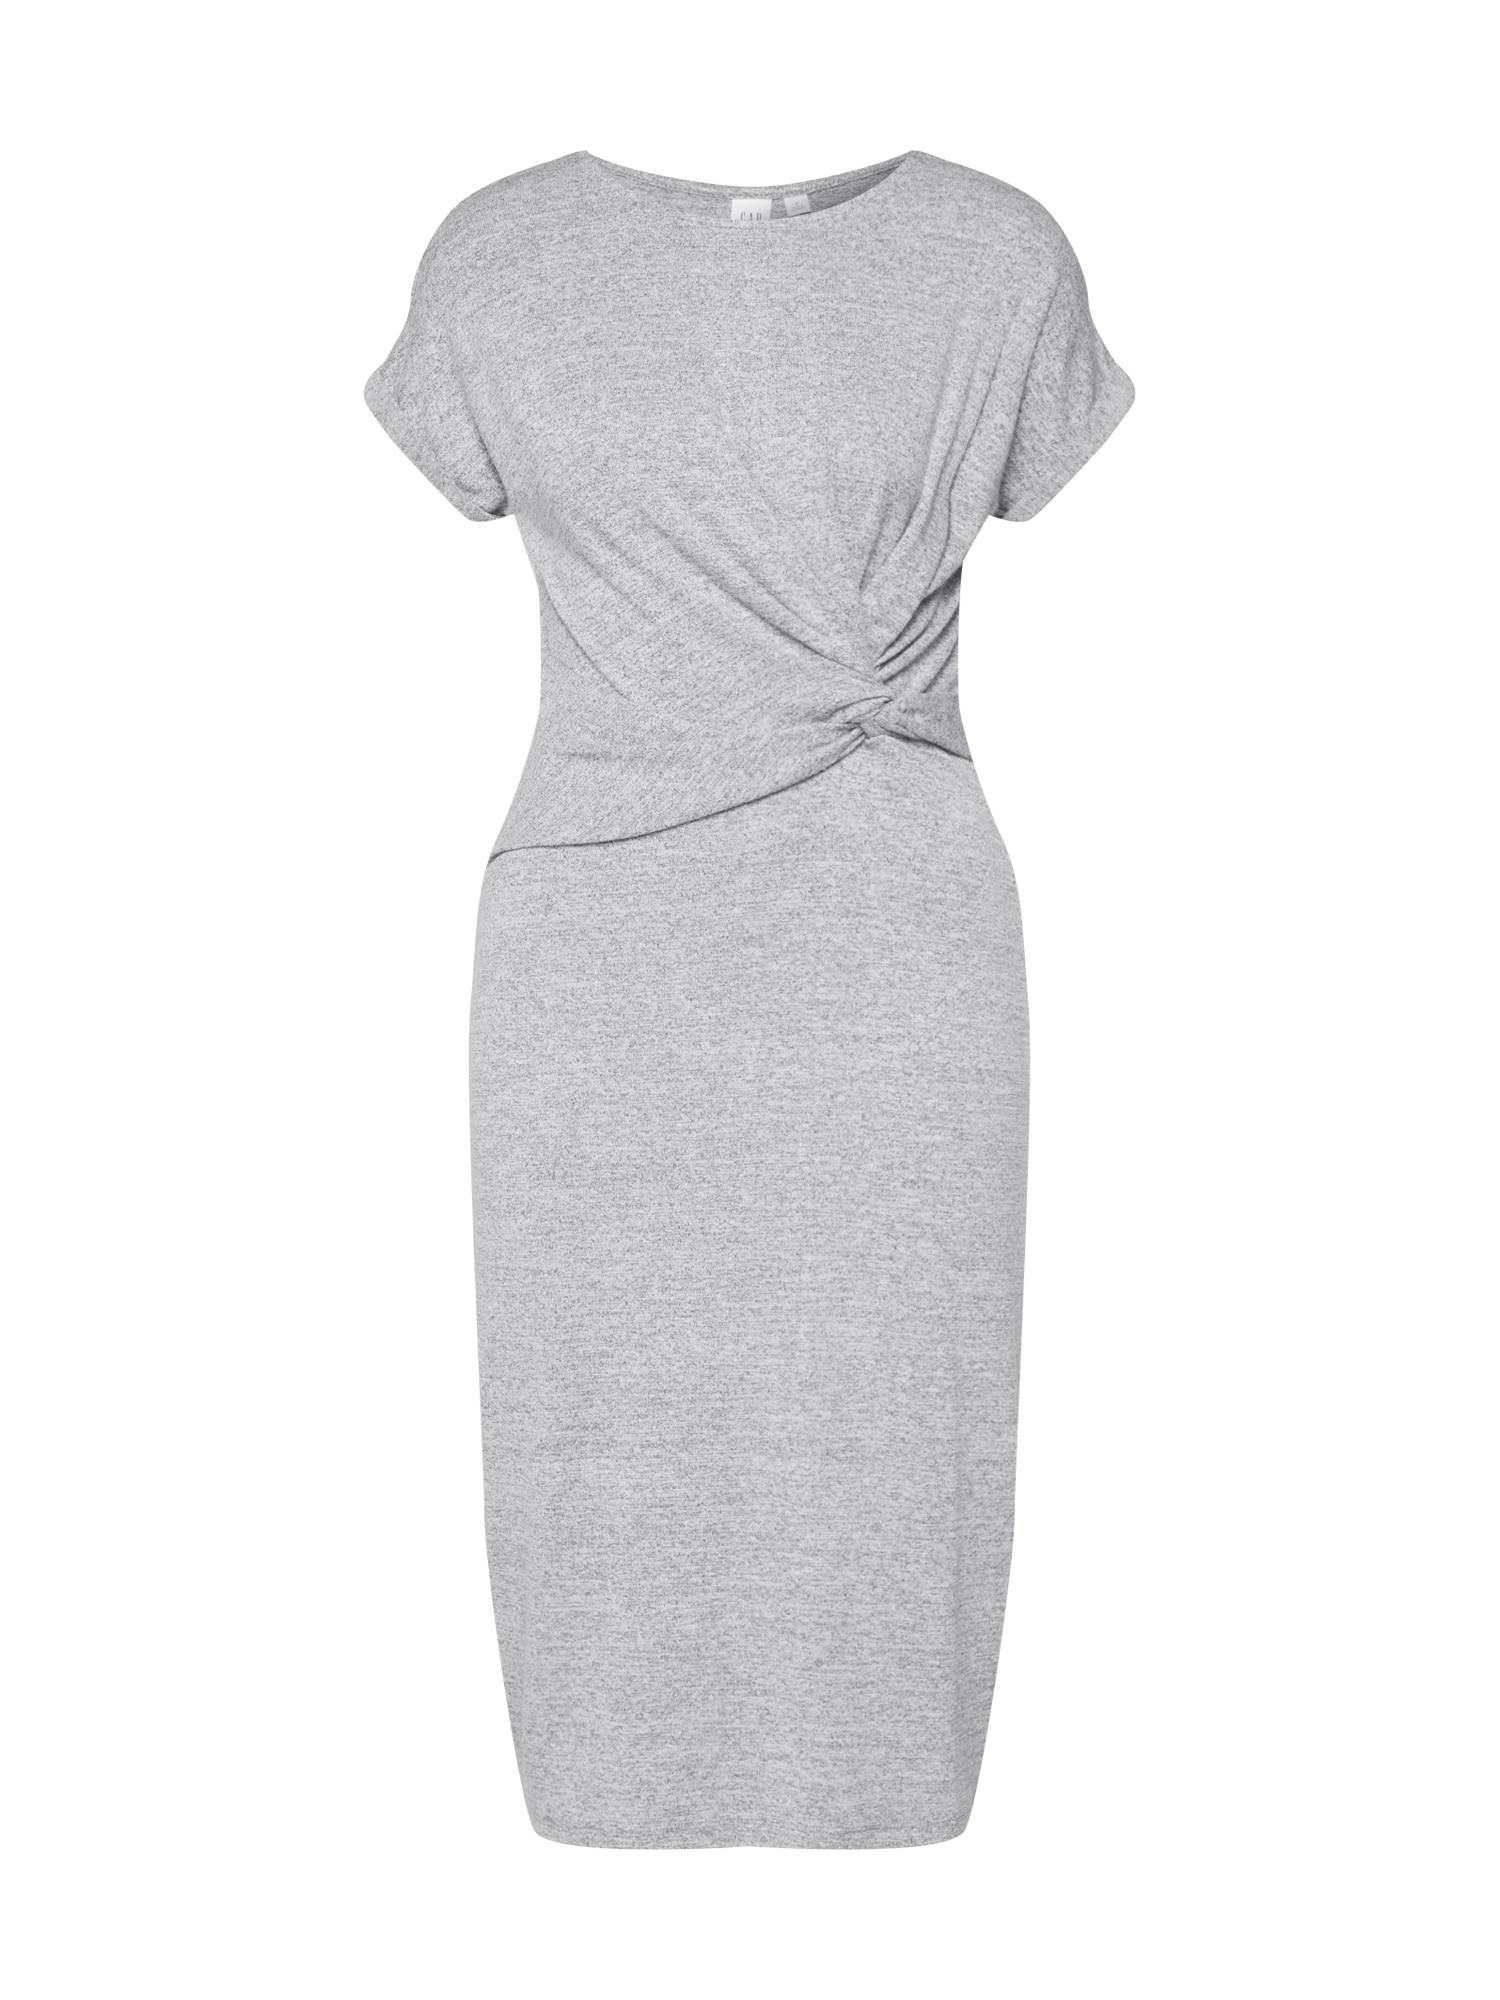 Letní šaty SSSTFSPNKNOTWSTMIDIMARL šedá GAP